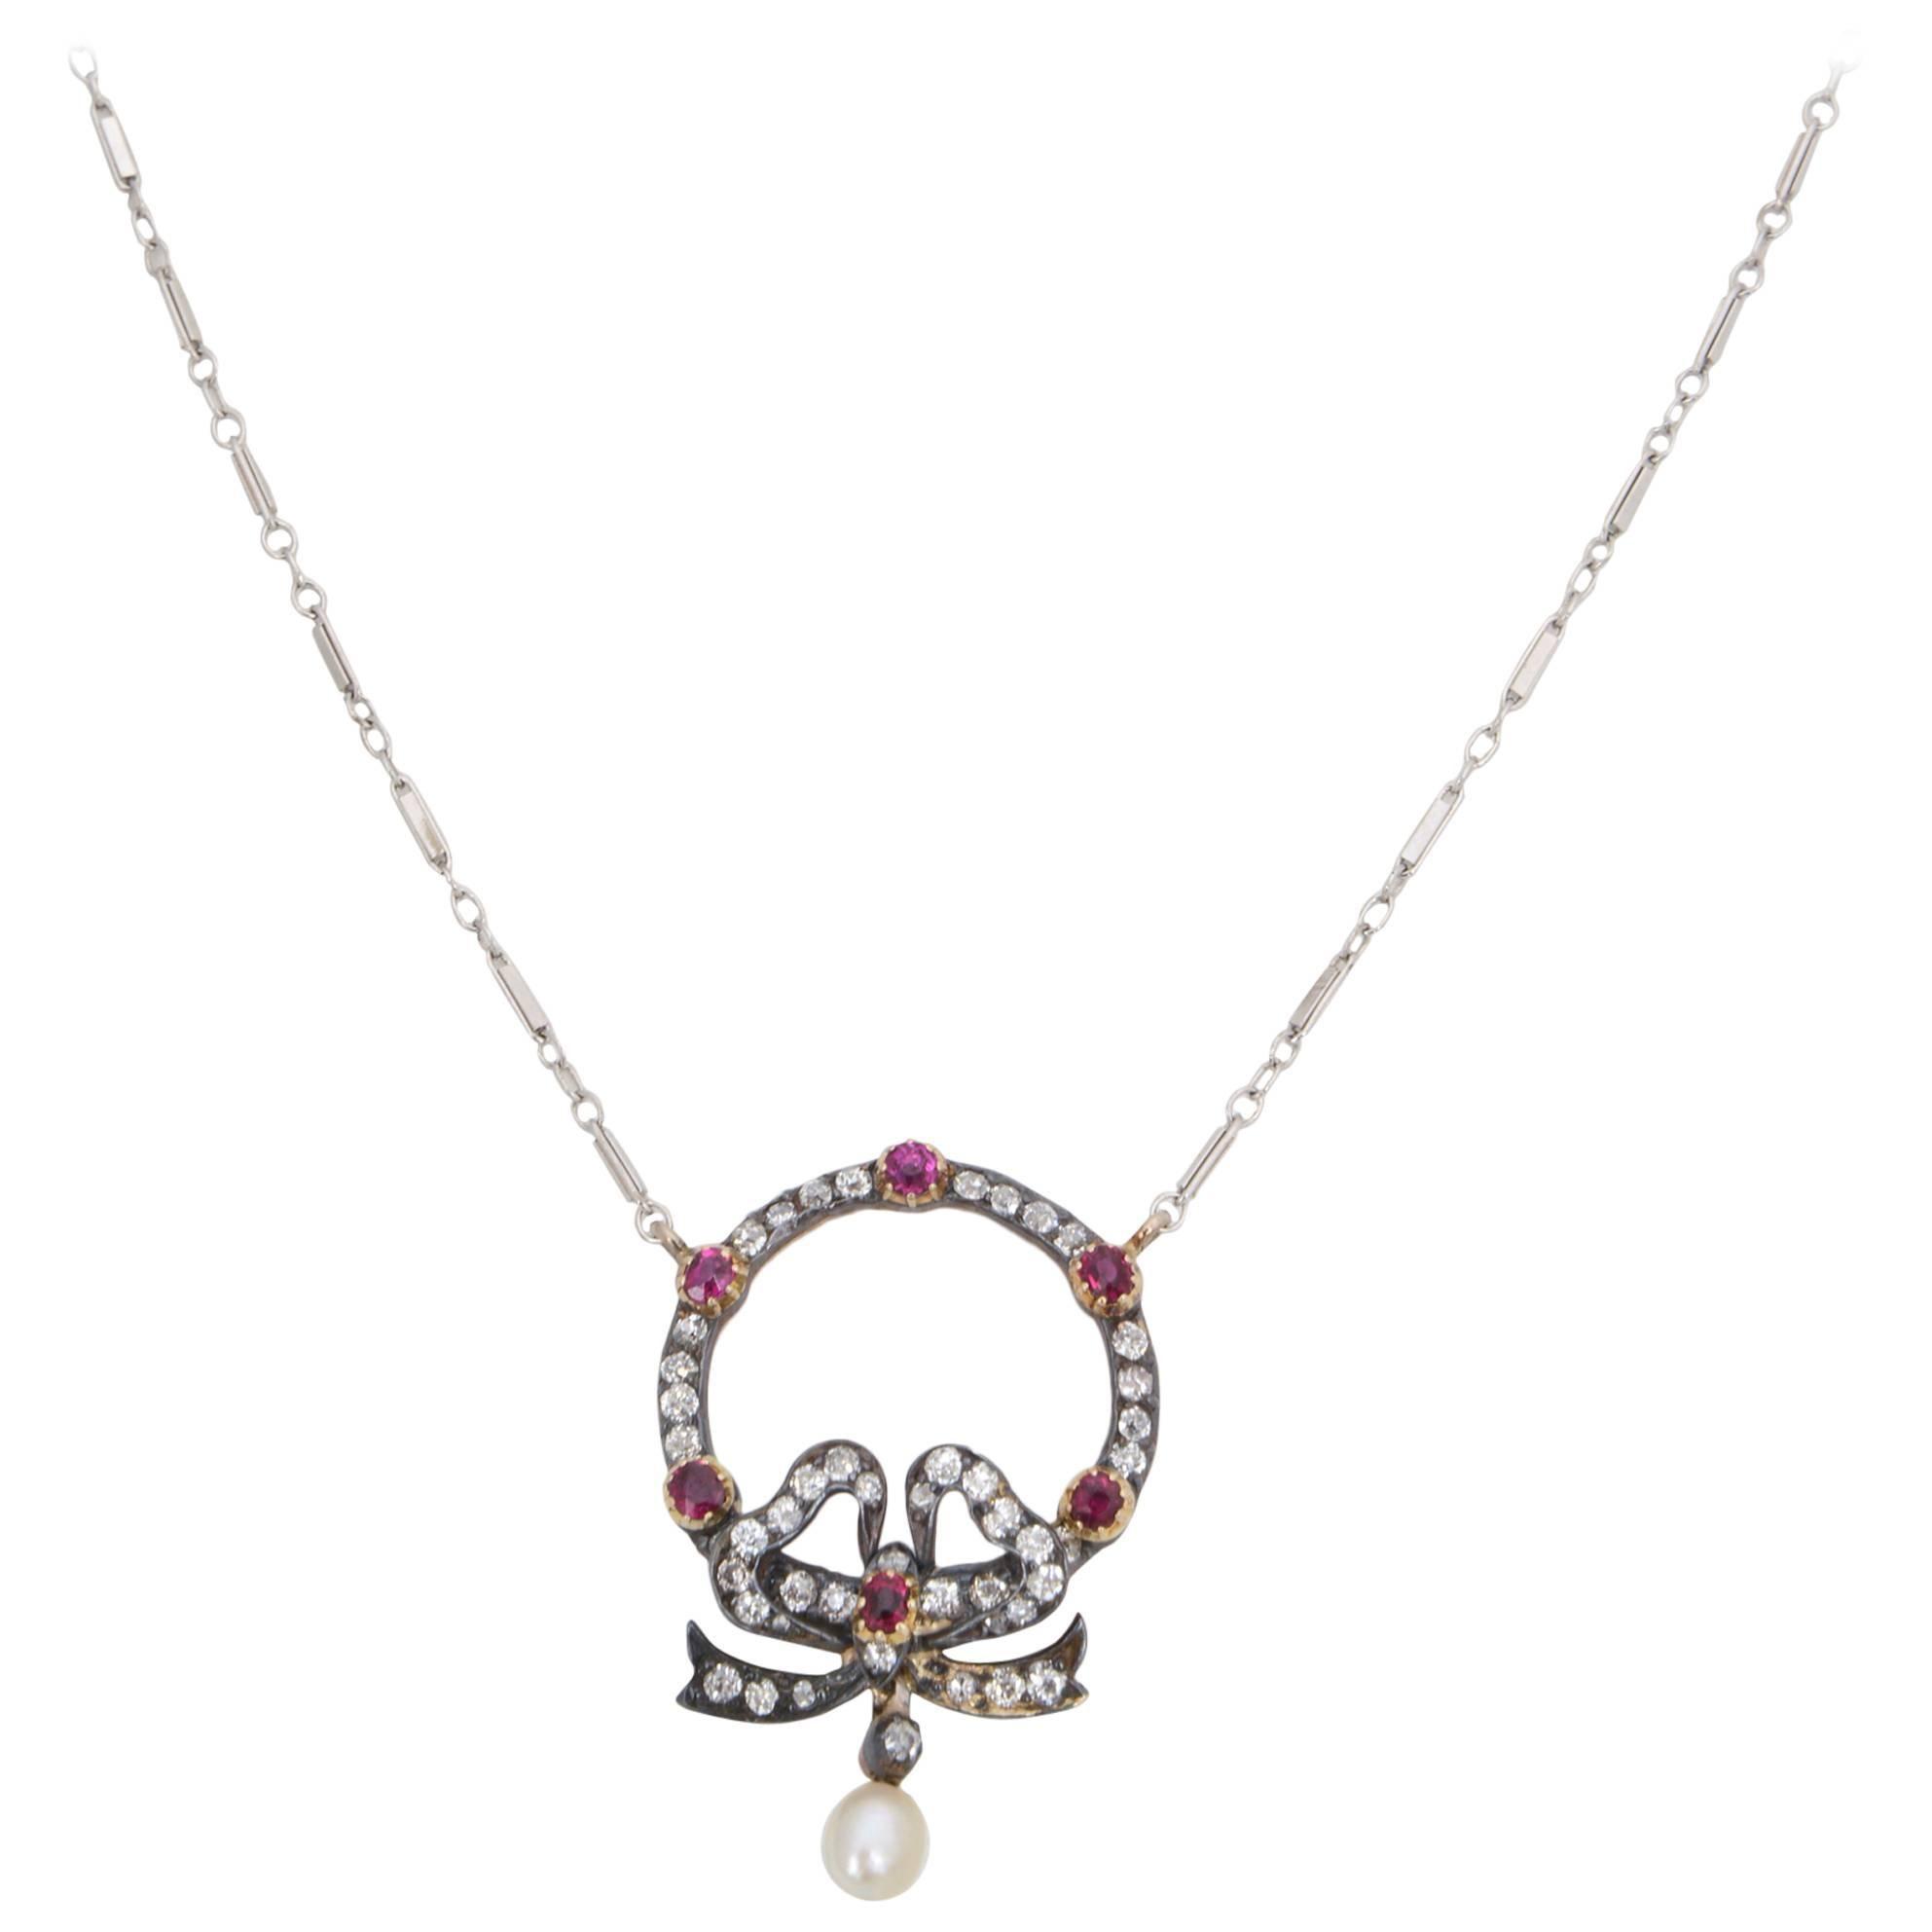 Edwardian Belle Époque Ruby Diamond Bow Necklace